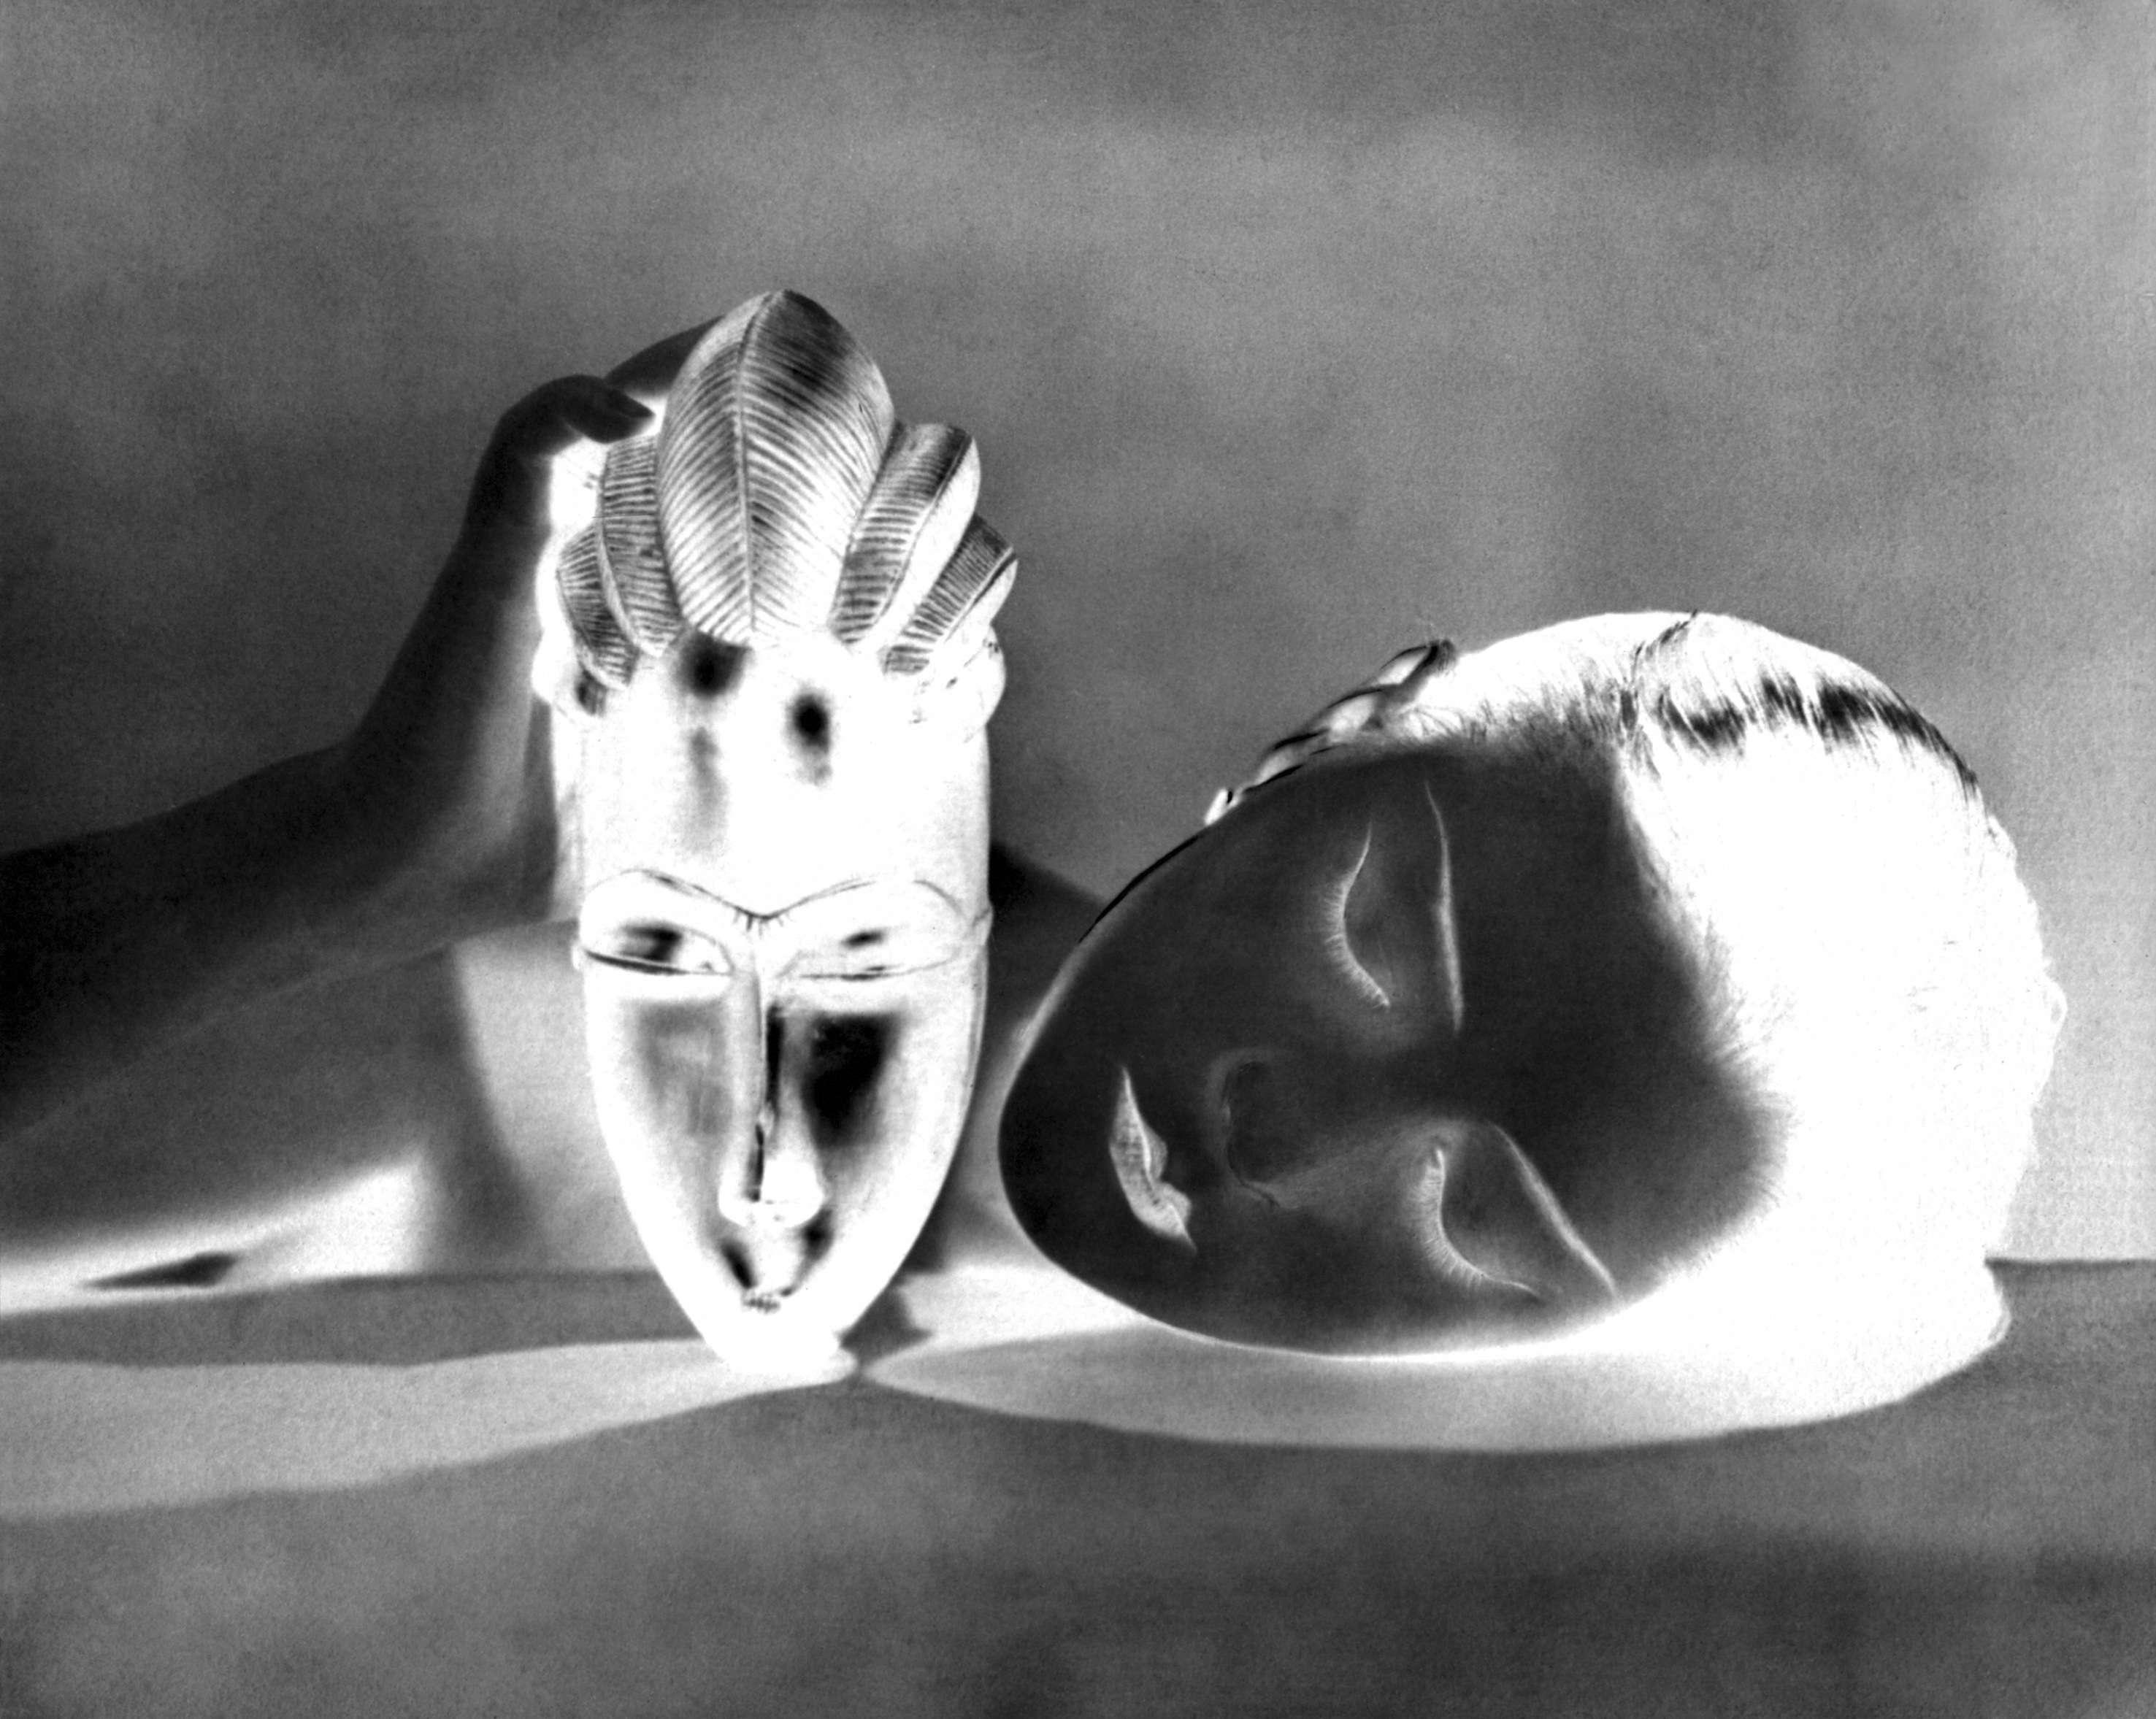 Très tôt séduit par les objets extra-occidentaux, Man Ray fait ici poser Simone Kahn, femme d'André Breton, avec une sculpture océanienne.